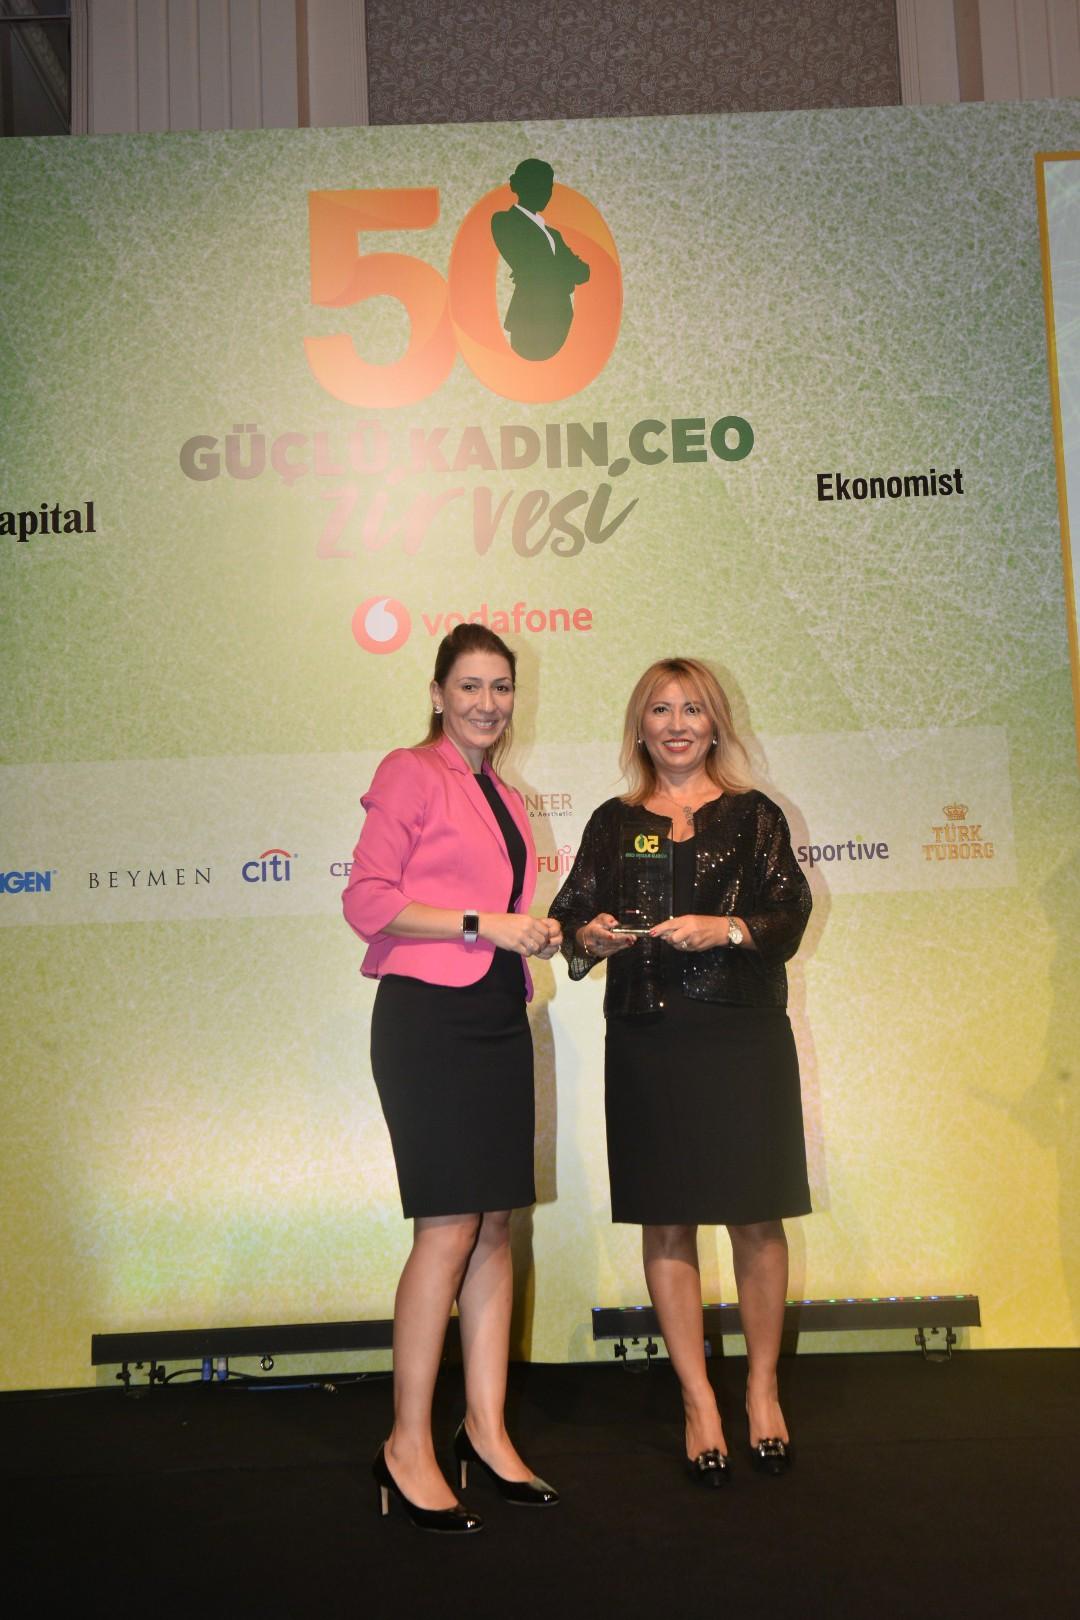 Tat Gıda genel müdürü en güçlü kadın CEO'lar arasında